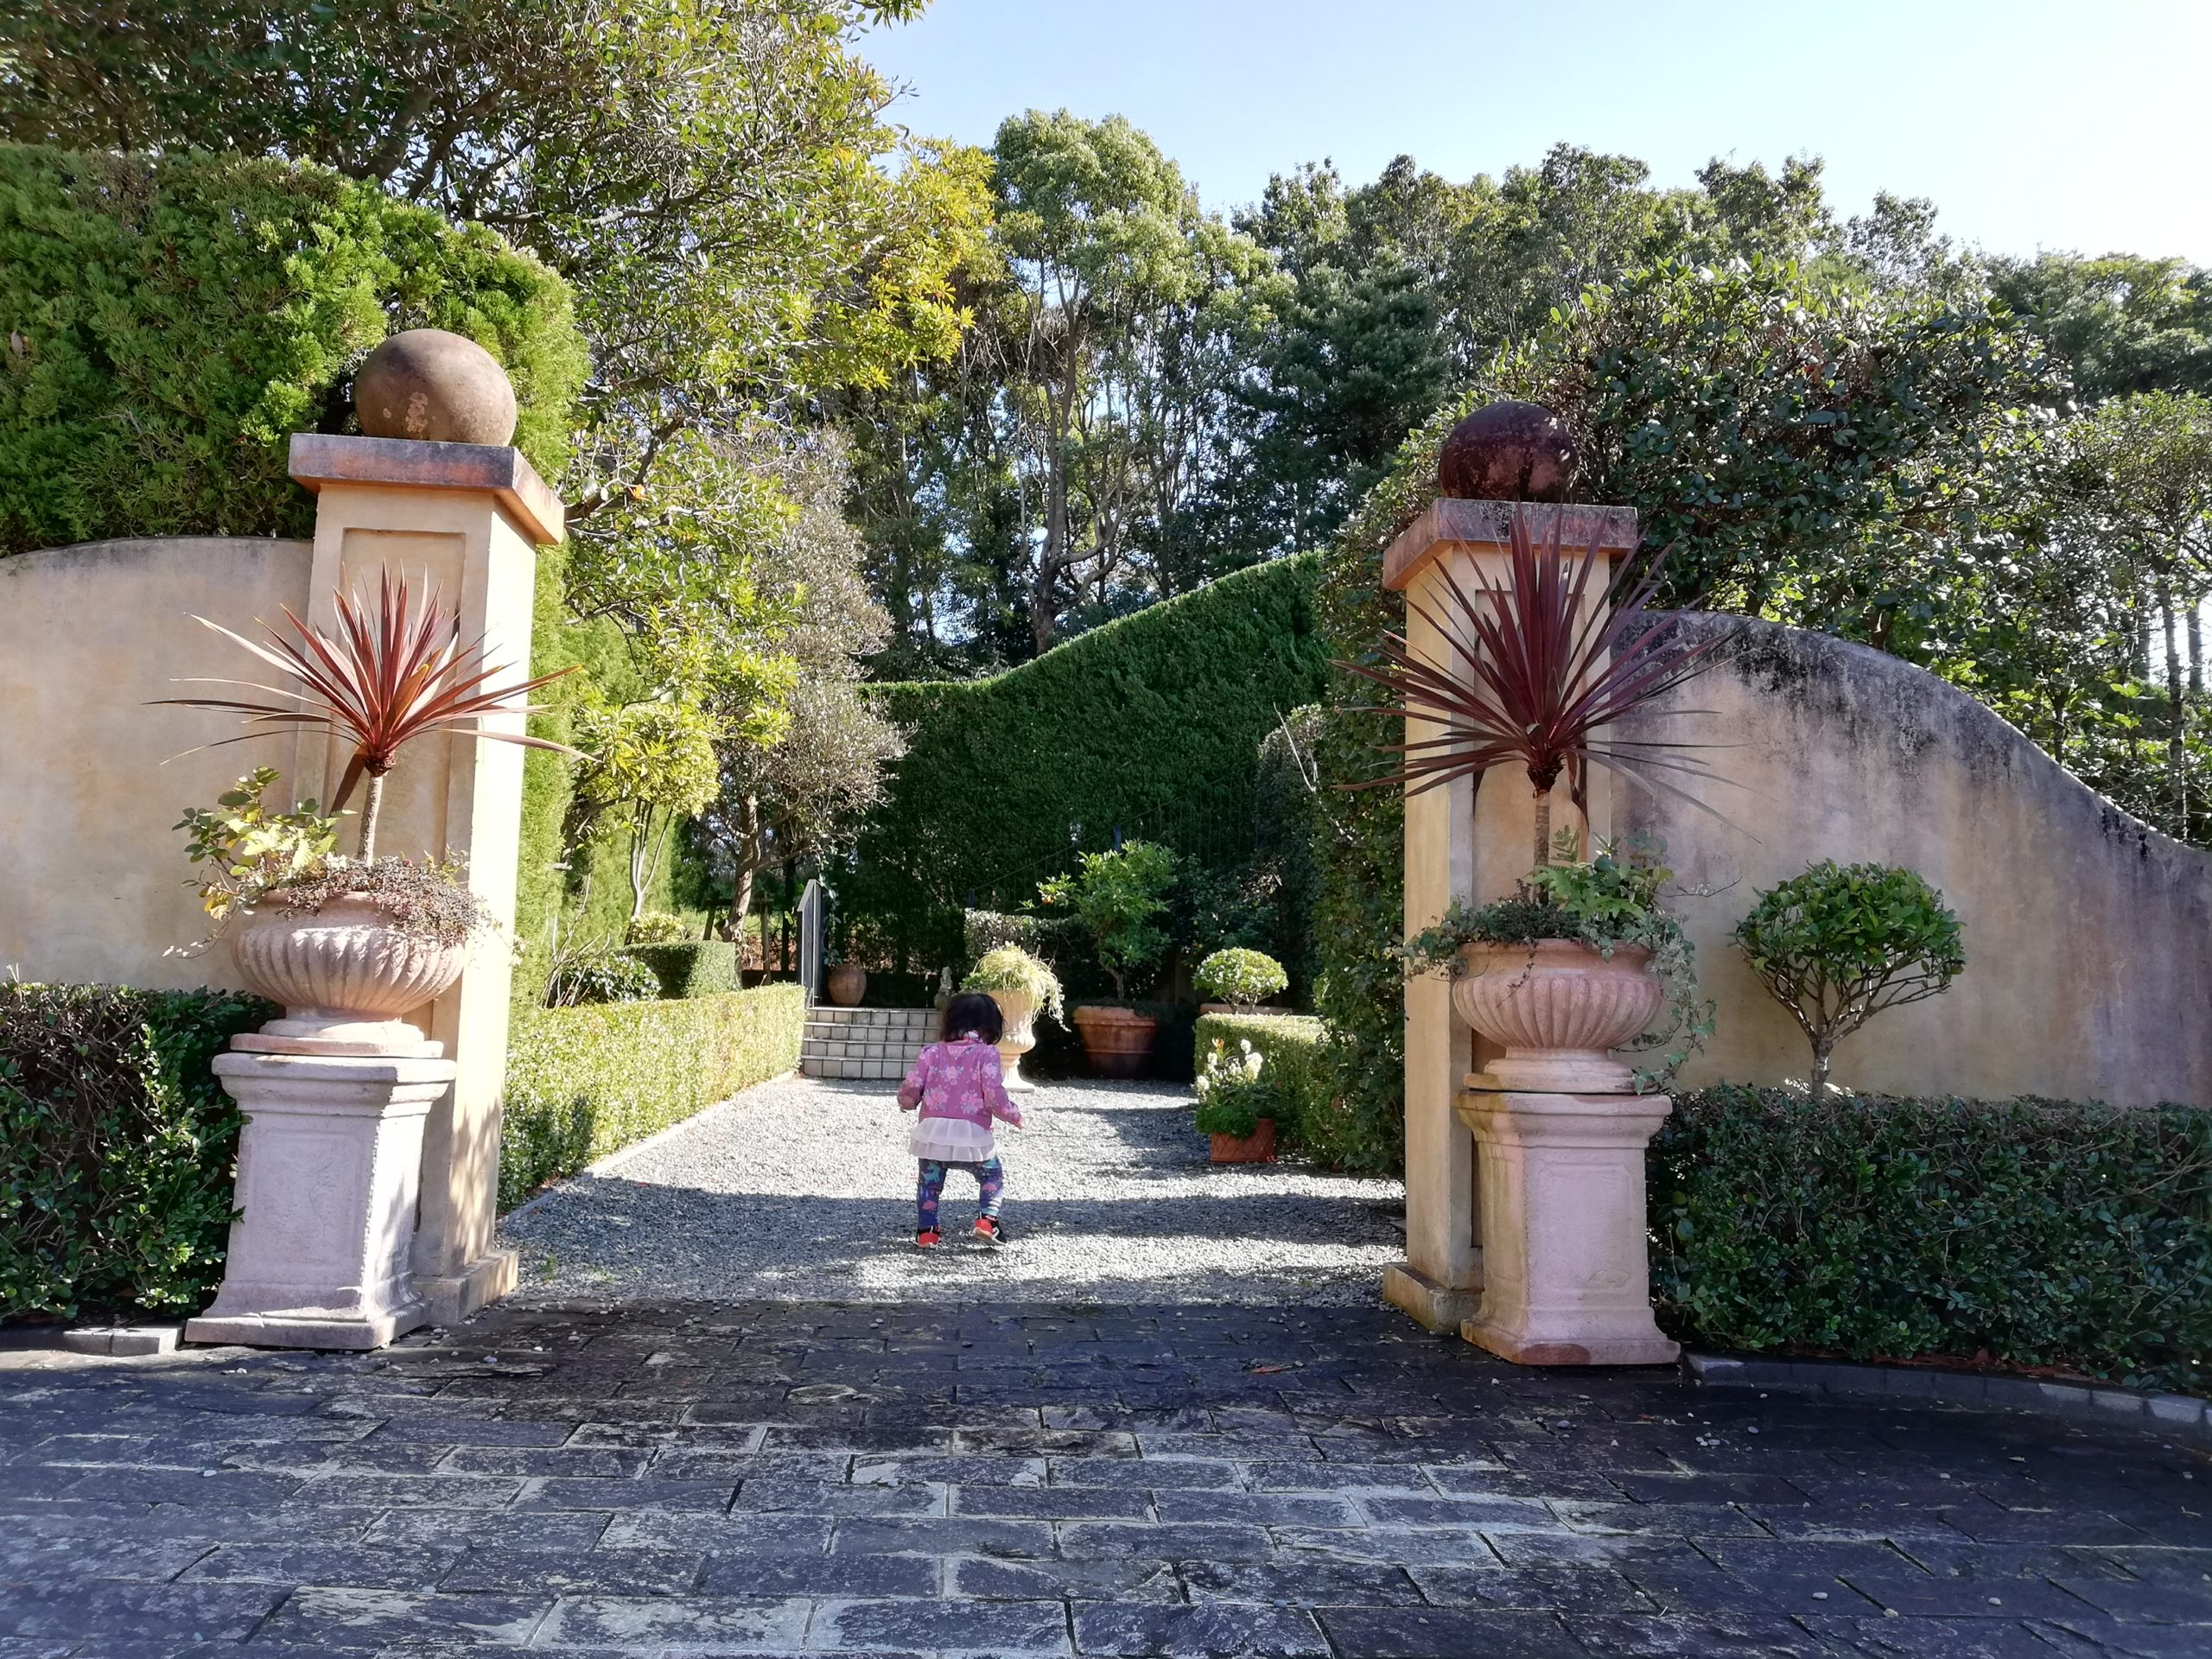 静岡県内でペットと遊ぶ 静岡県浜松市 浜名湖ガーデンパーク 国際庭園 イタリア 派手でキレイ